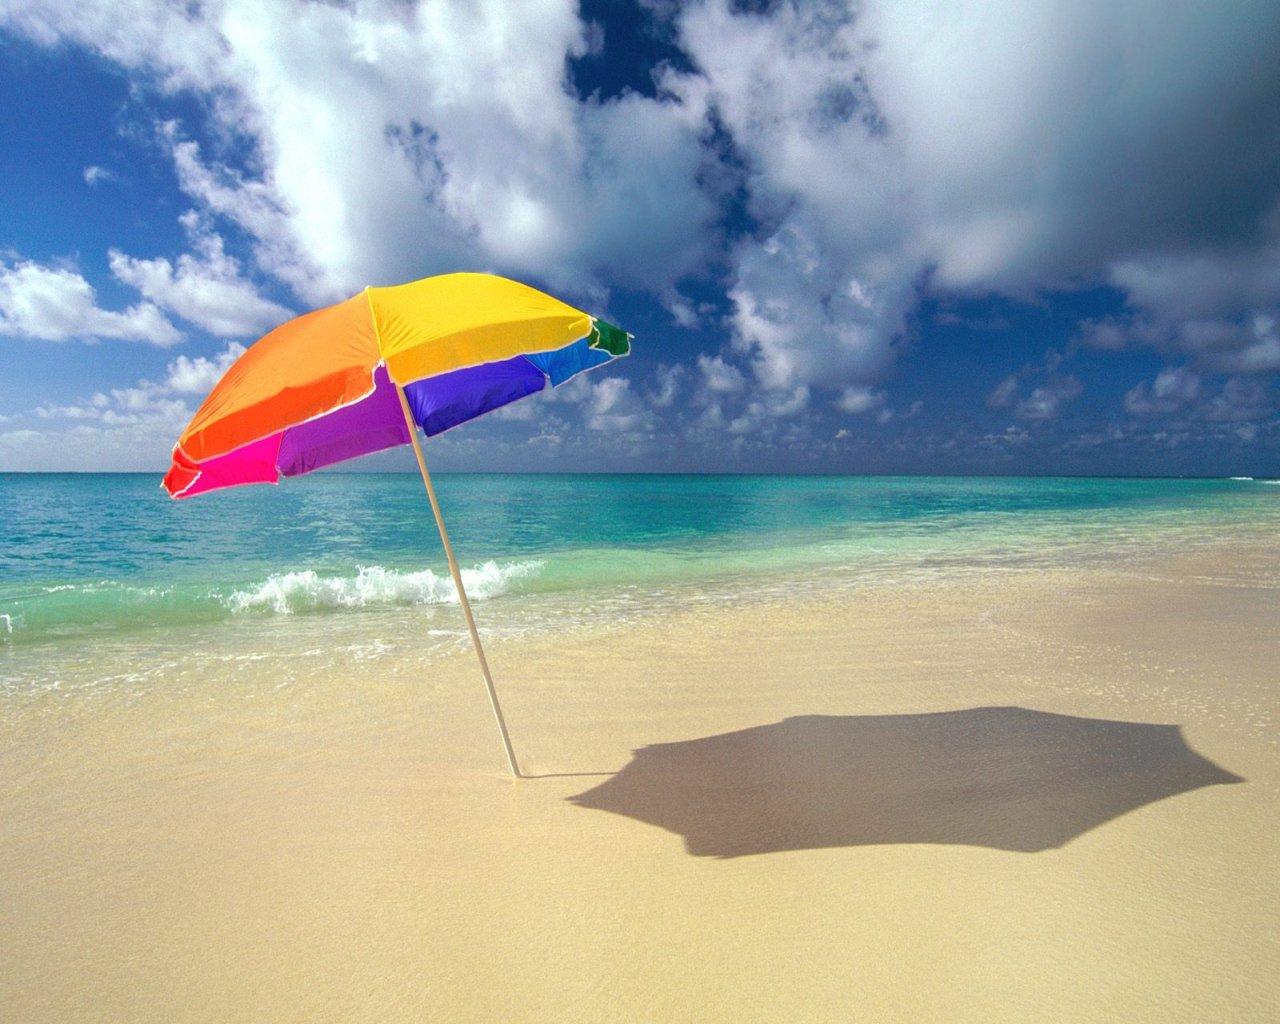 Tu propia sombra con sombrillas ecol gicas - Sombrilla playa ...